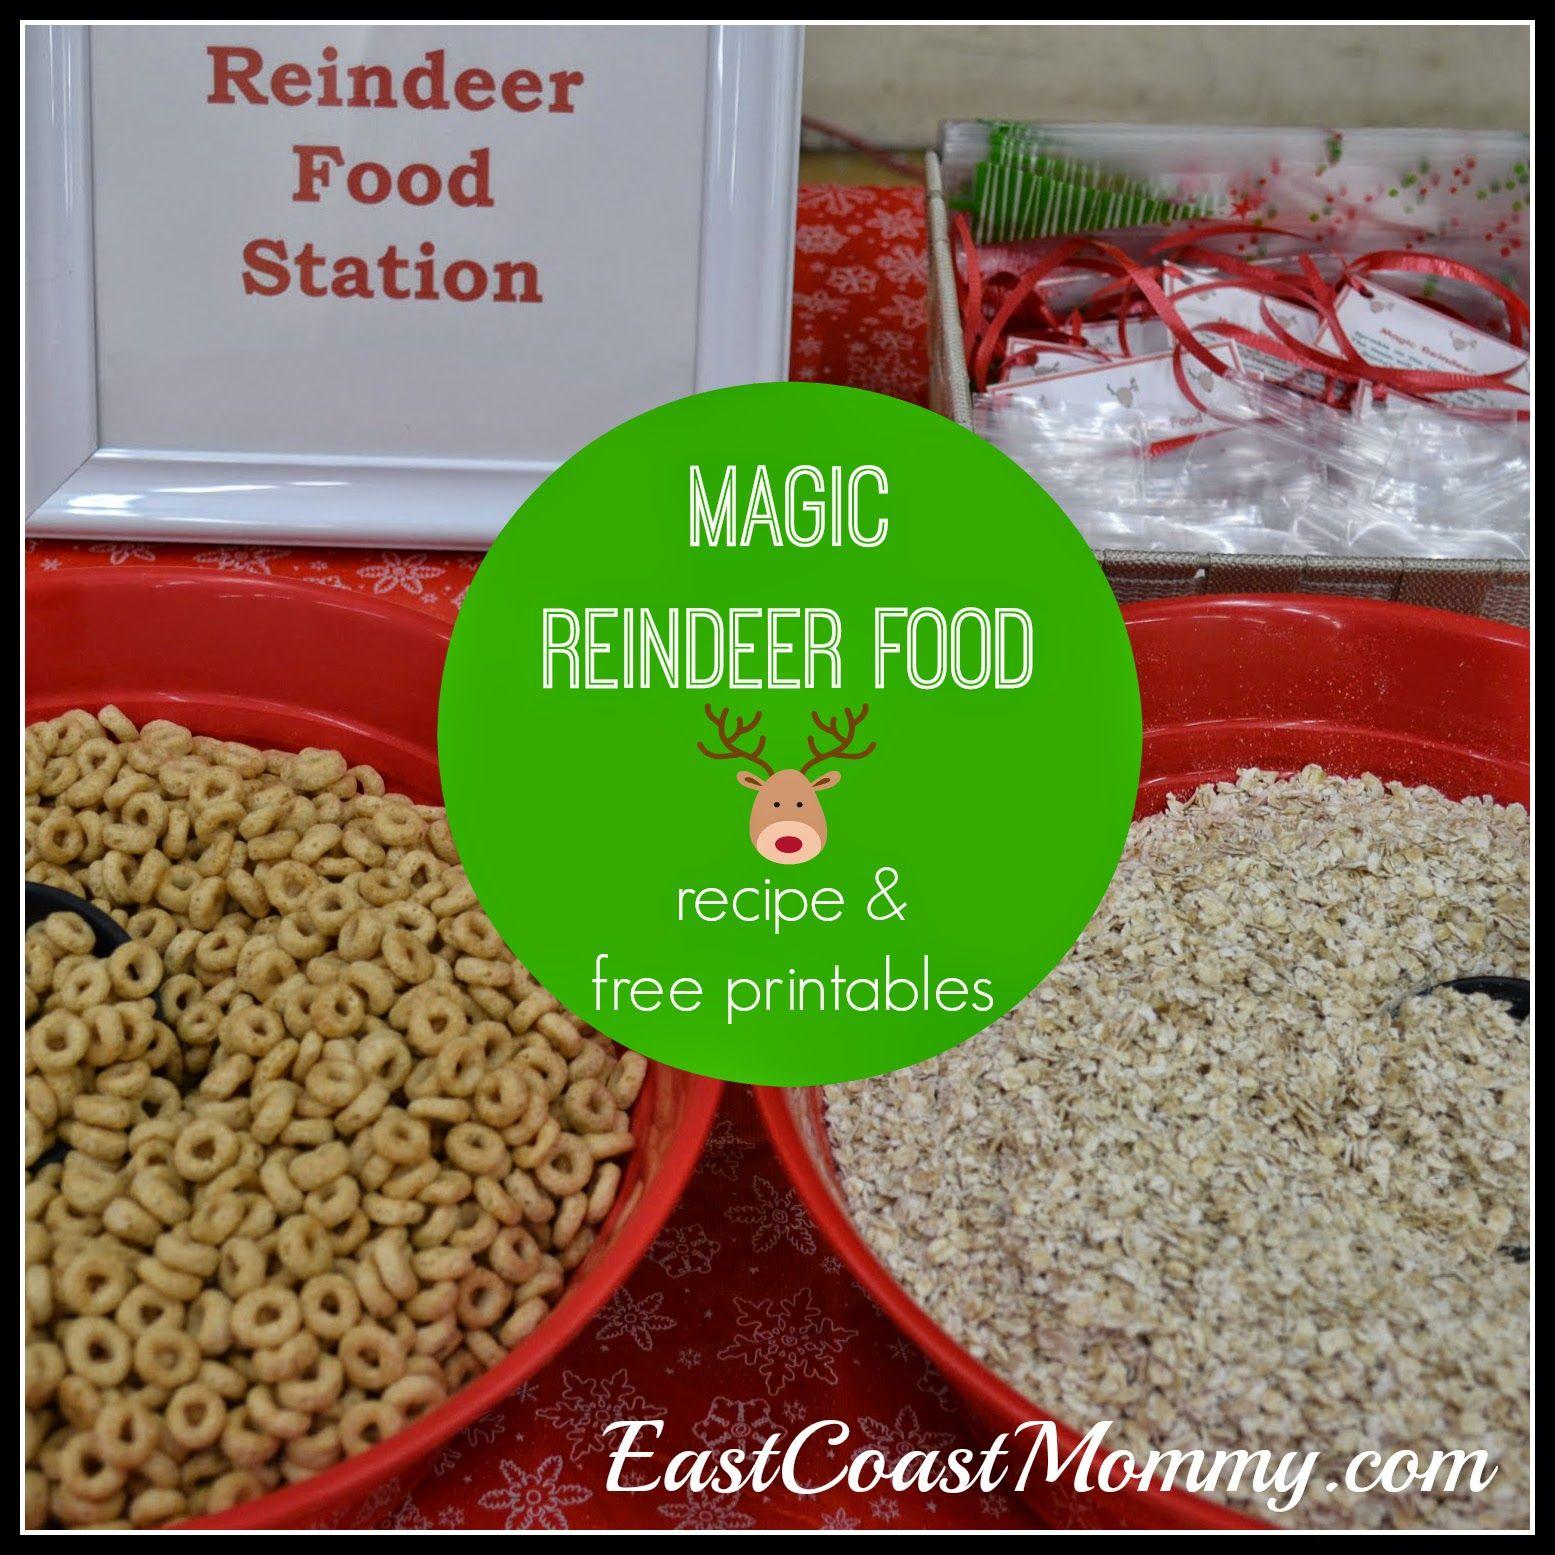 Magic Reindeer Food Magic Reindeer Food Reindeer Food Reindeer